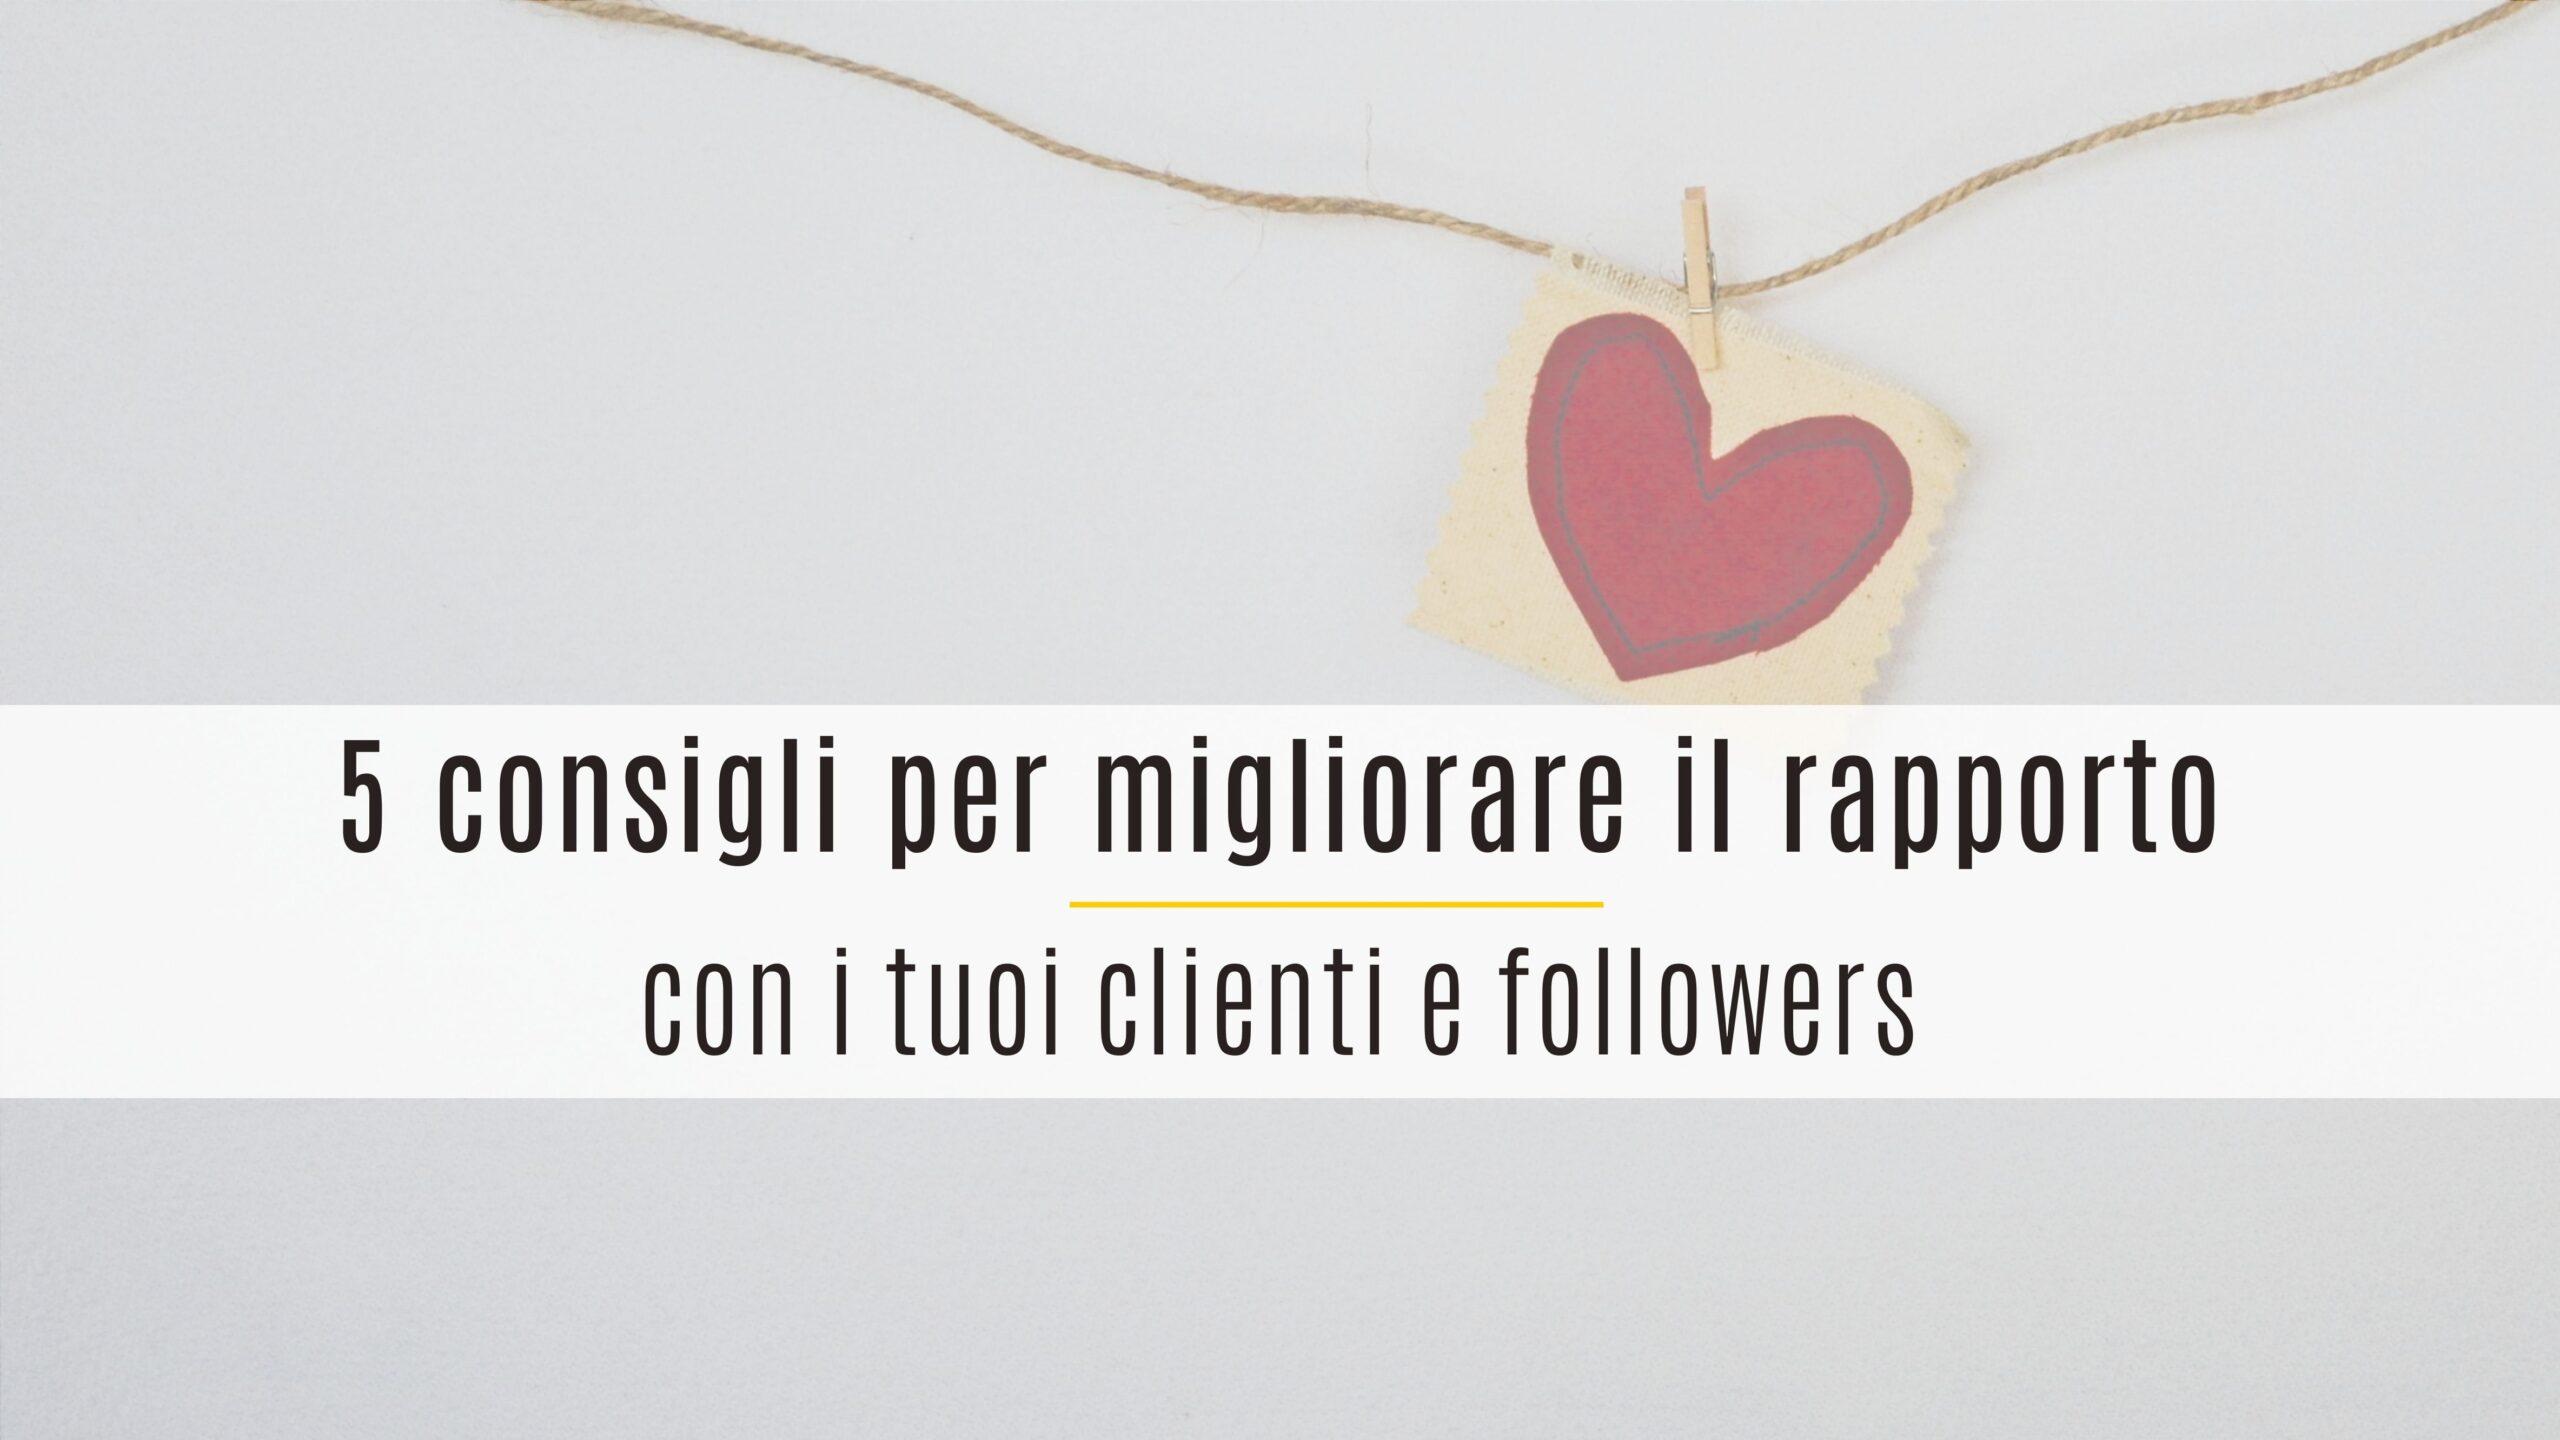 copertina articolo 5 consigli per migliorare il rapporto con clienti e followers